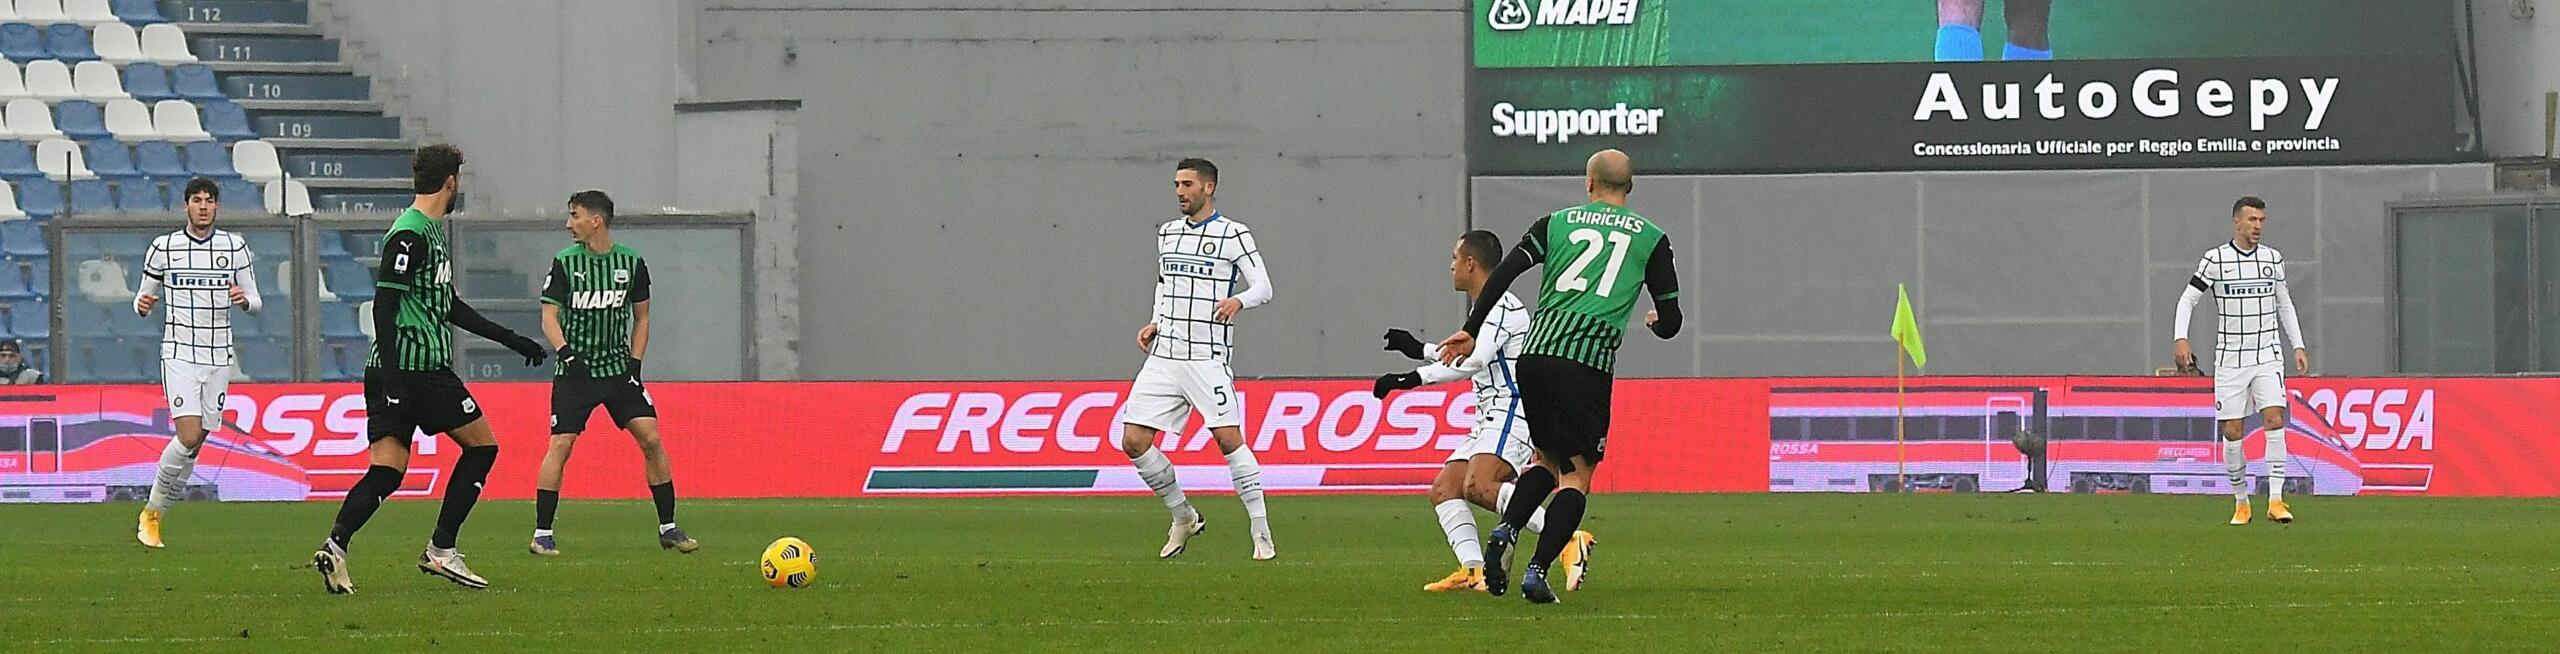 Inter-Sassuolo: nel recupero della 28° giornata, Conte può blindare lo Scudetto